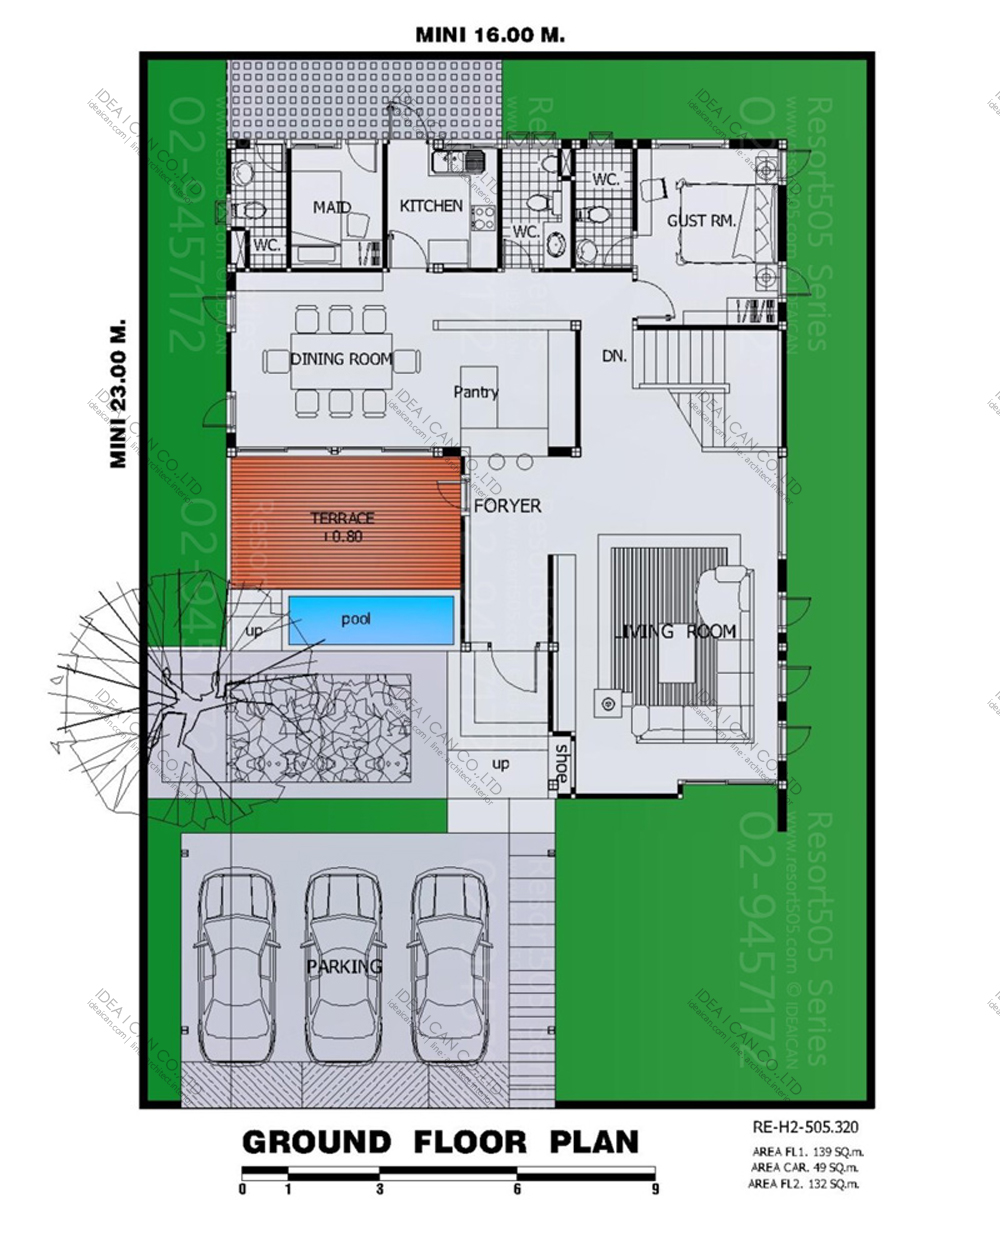 แบบบ้านสองชั้นสไตล์รีสอร์ท, แบบบ้าน 2 ชั้น, แบบบ้าน 4 ห้องนอน, ห้องน้ำสไตล์รีสอรท, พื้นที่ใช้สอย 320 ตร.ม., RE-H2-505.320, แบบบ้านสไตล์รีสอร์ท , รับเหมาก่อสร้าง, รับสร้างบ้าน, รับสร้างบ้านสองชั้น